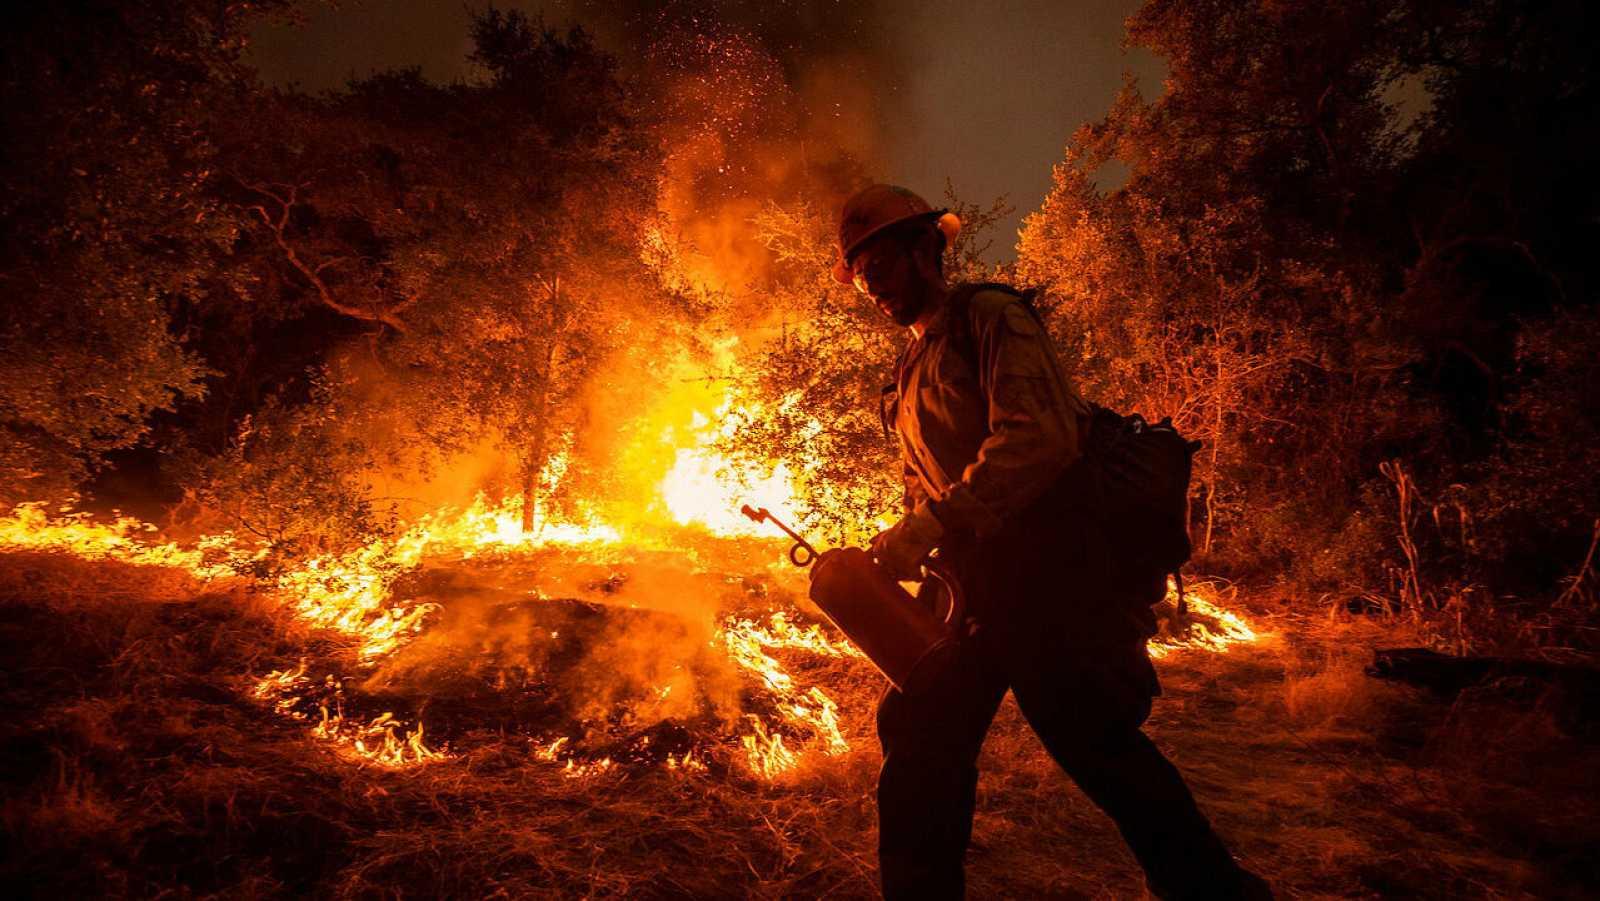 Un bombero intenta controlar el incendio en el Bosque Nacional Ángeles, cerca de Arcadia, California, Estados Unidos.